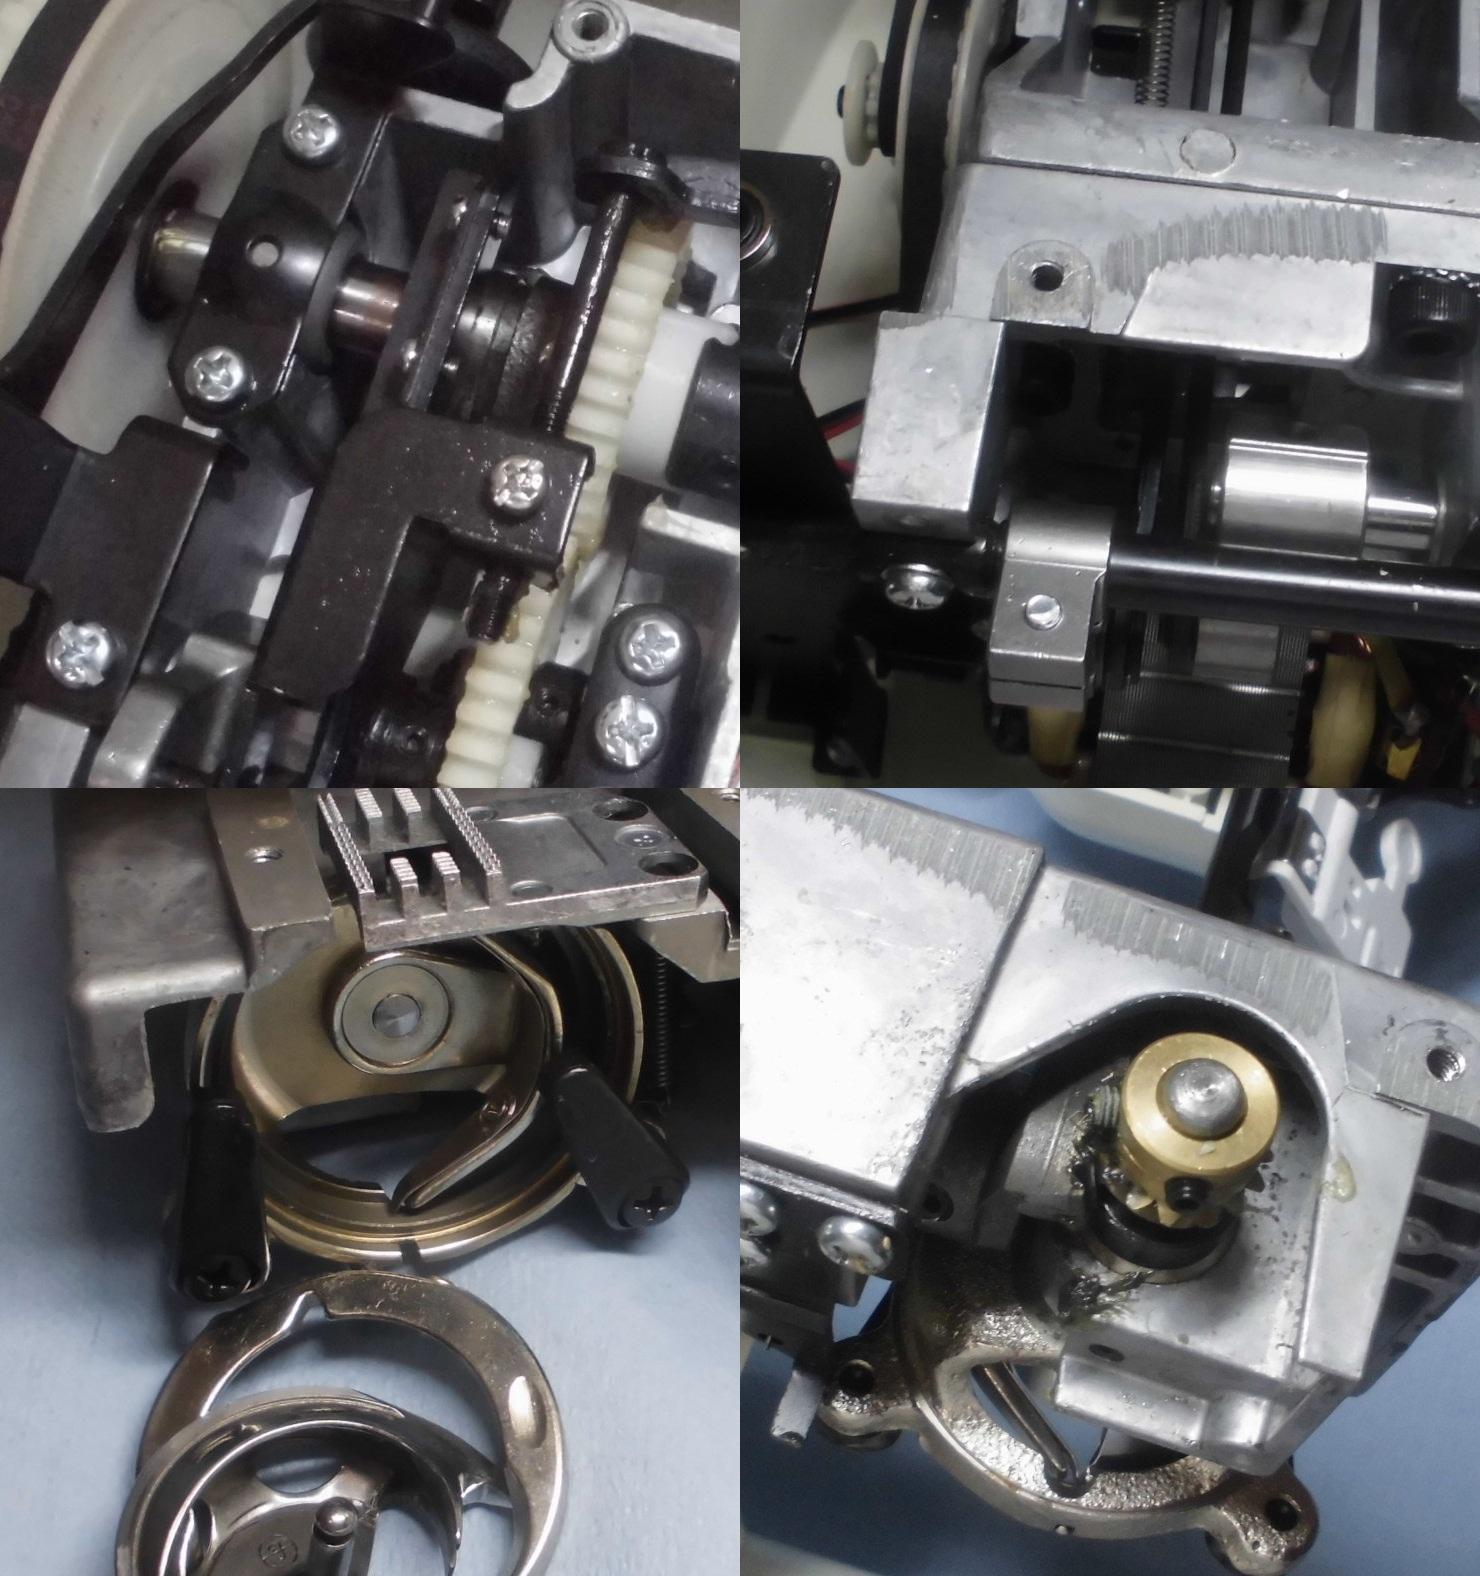 AG-003の故障や不具合|下糸が絡み縫えない、布を送らない、ミシンが止まってしまう